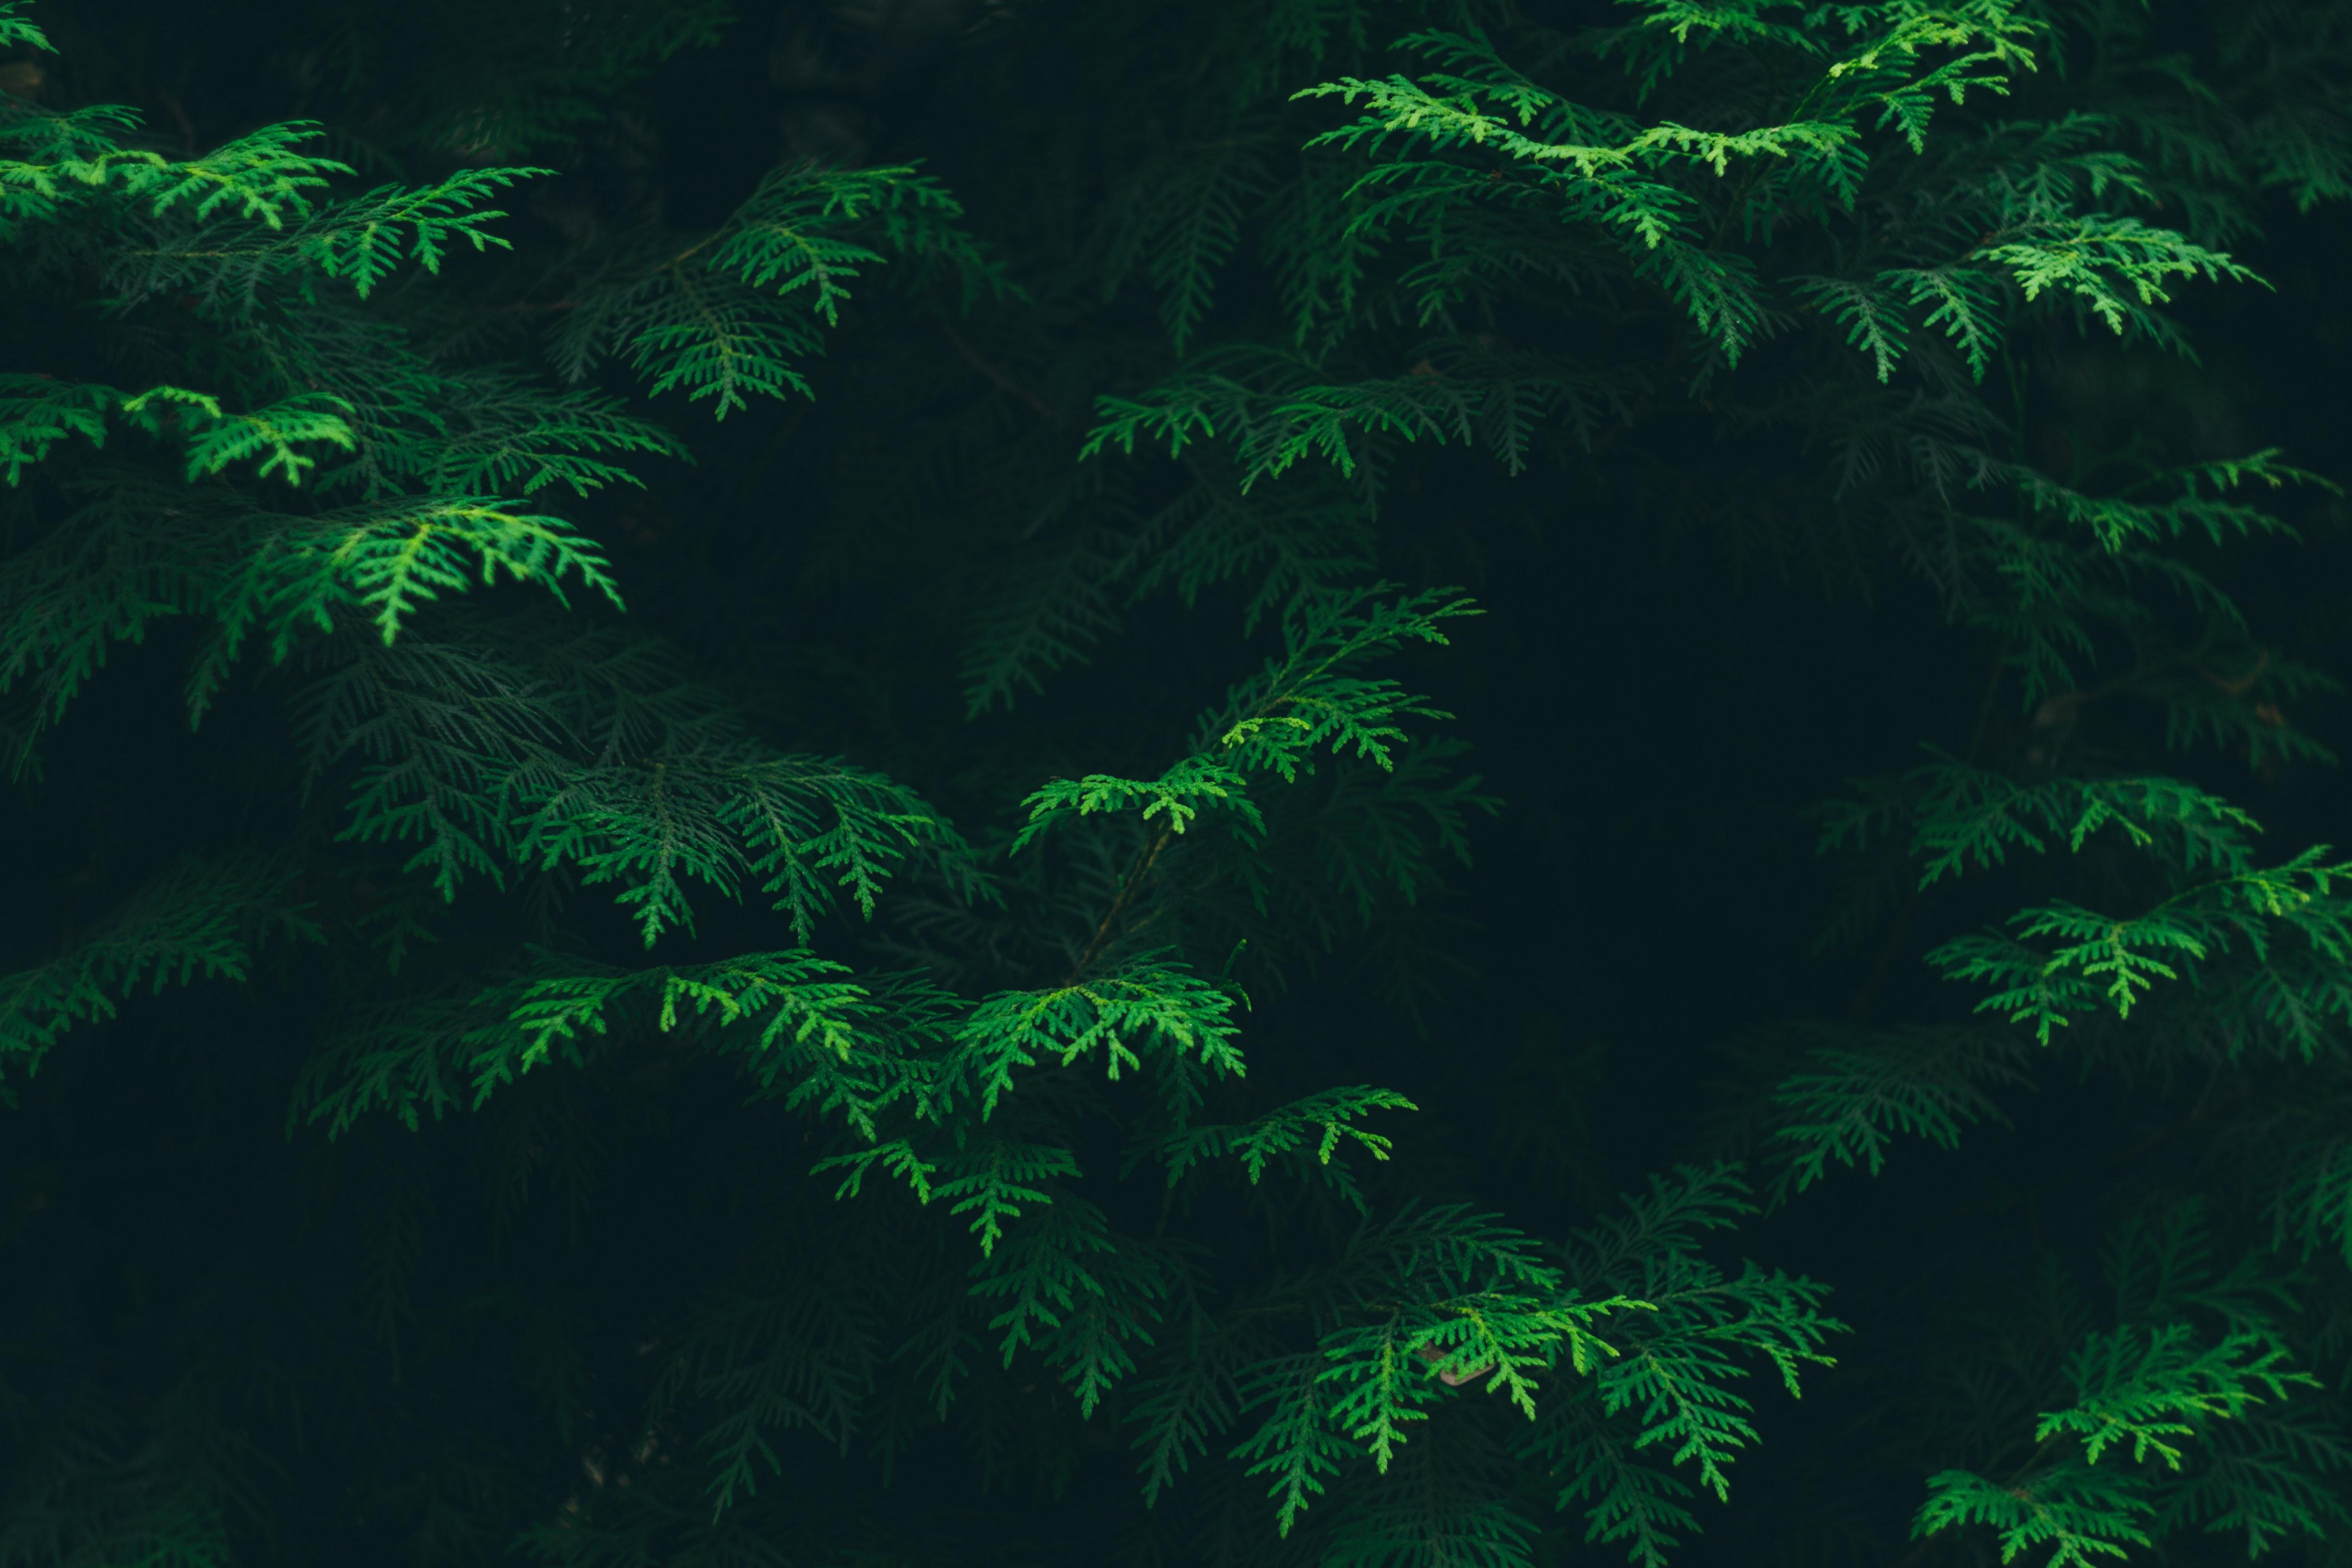 55193 завантажити Зелений шпалери на телефон безкоштовно, Природа, Листя, Рослина, Флора, Флори Зелений картинки і заставки на мобільний